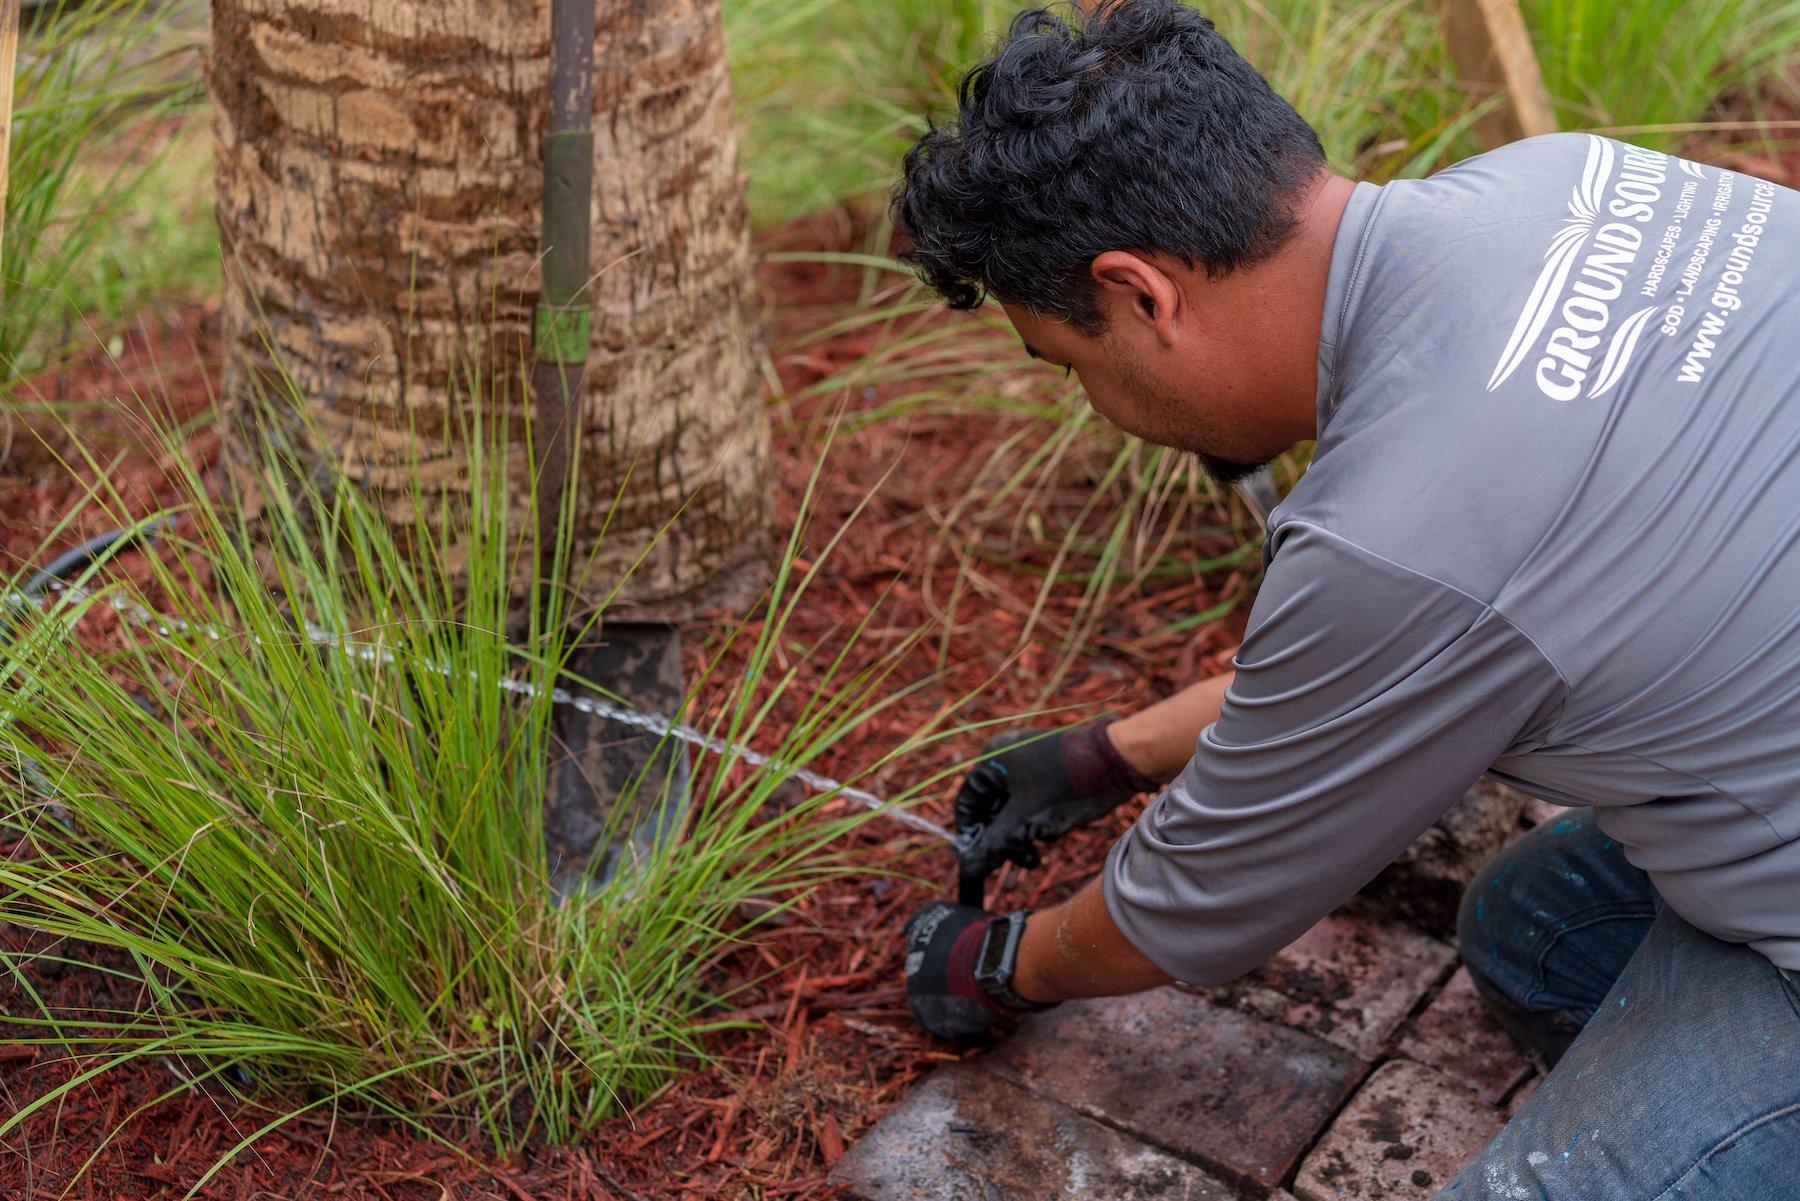 irrigation crew installing sprinkler system